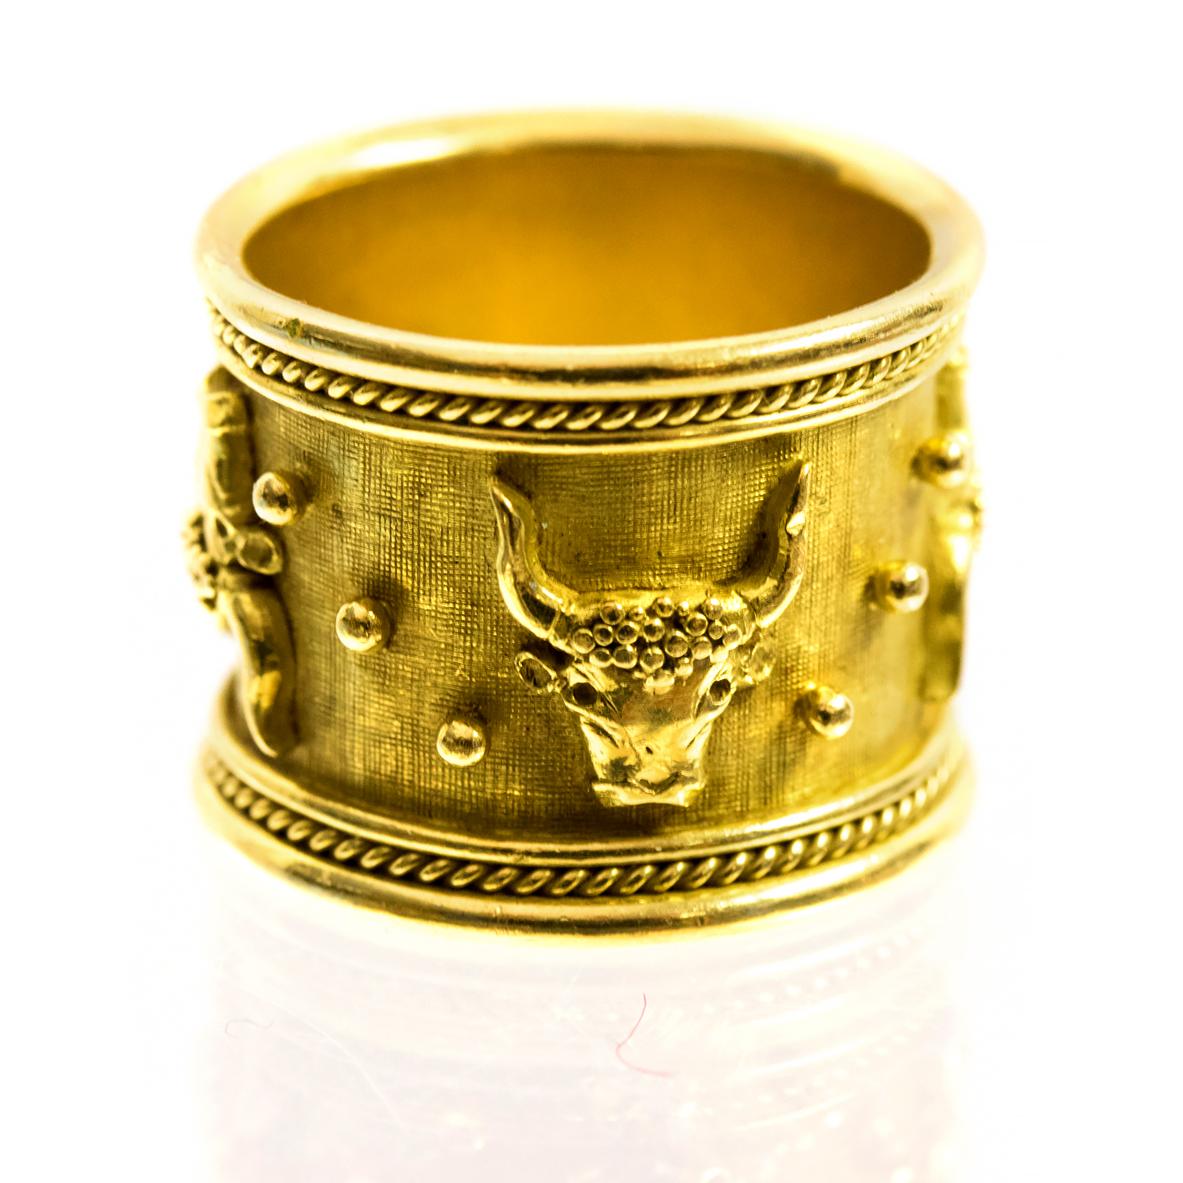 Elizabeth Gage Ring Uk Auctions